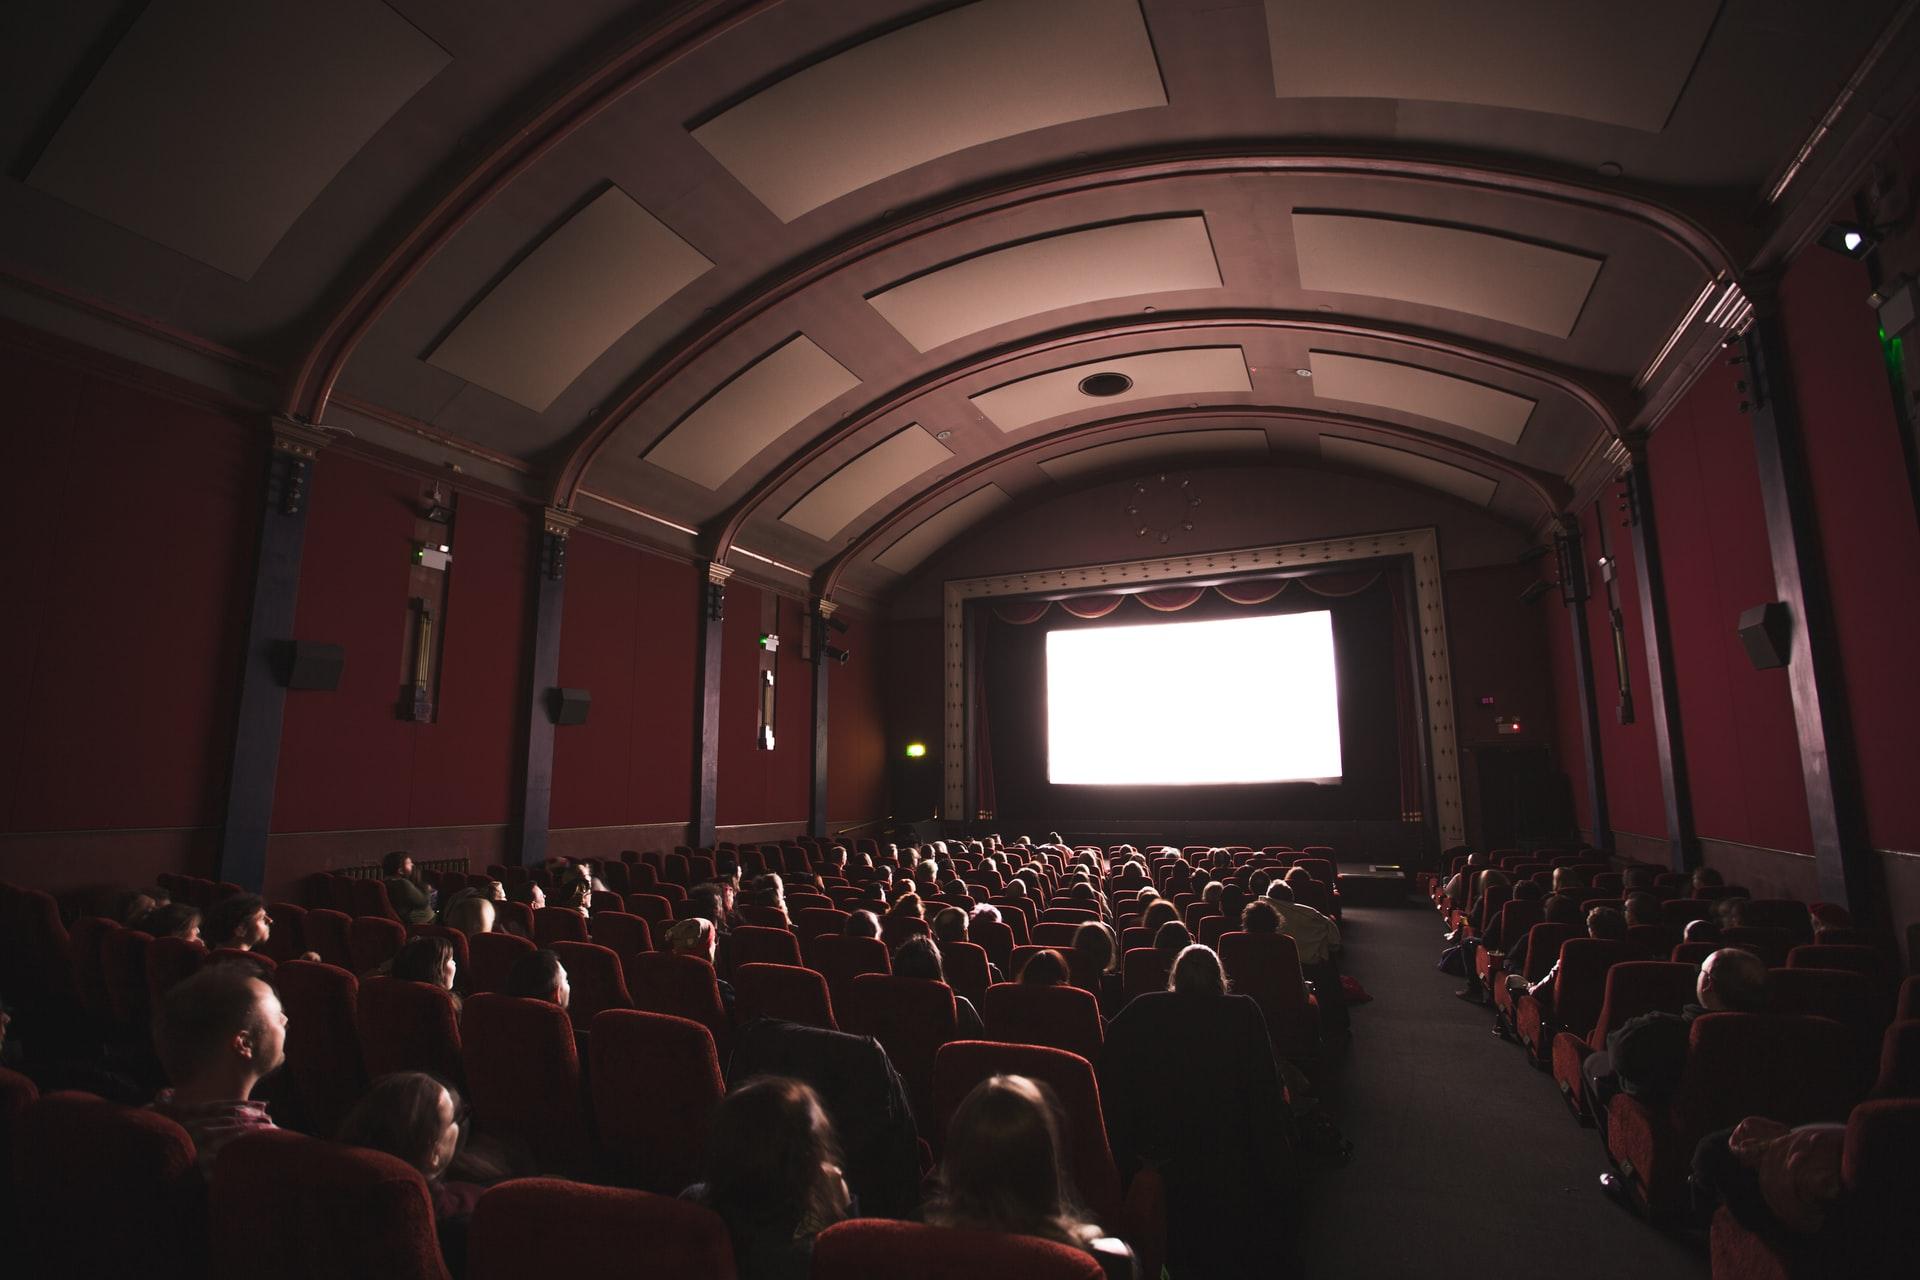 Bu hafta vizyona girecek filmler 2021 , Temmuz 2021 vizyon takvimi